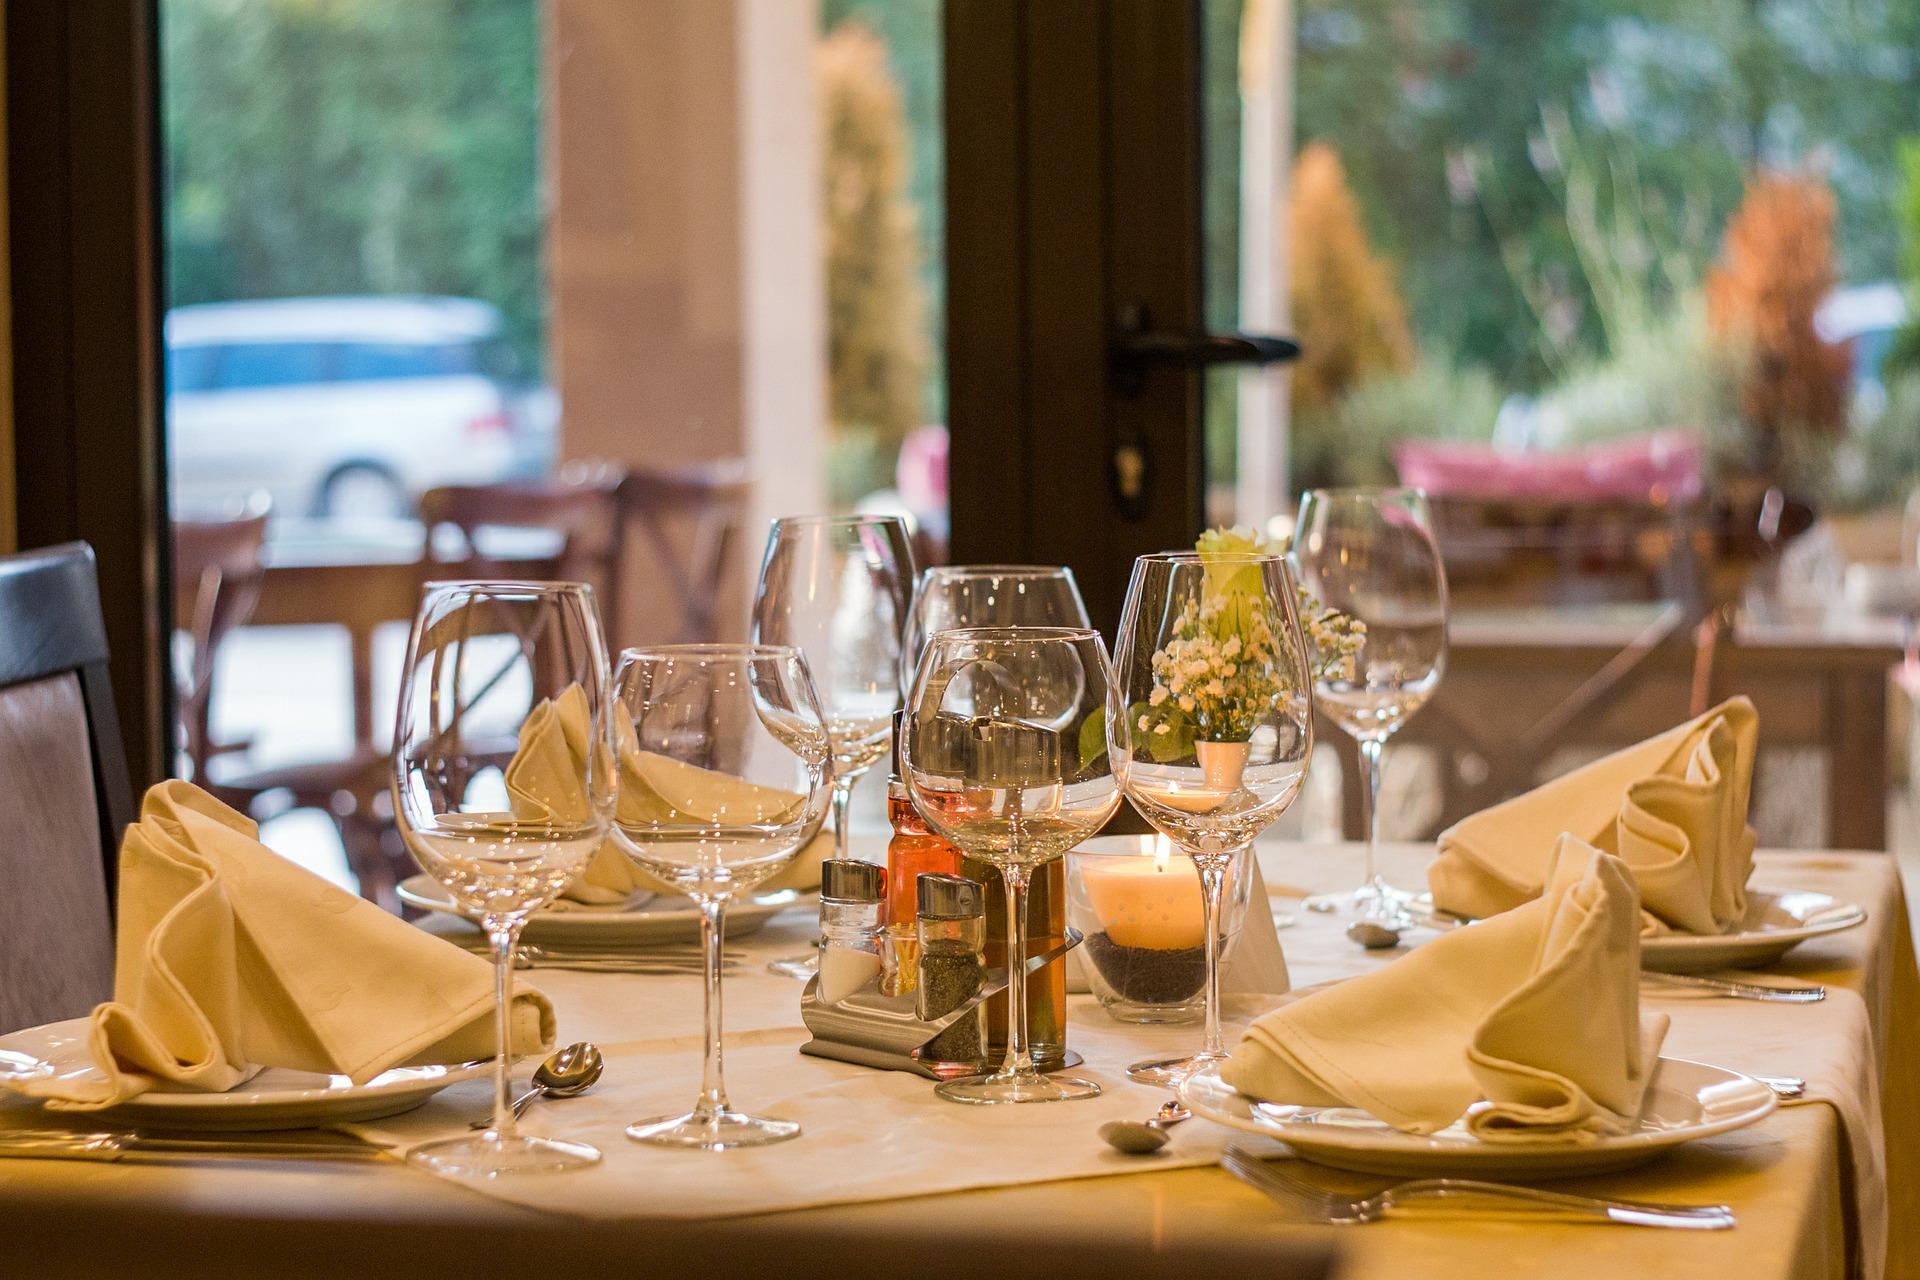 Sorveglianza per ristoranti e hotel